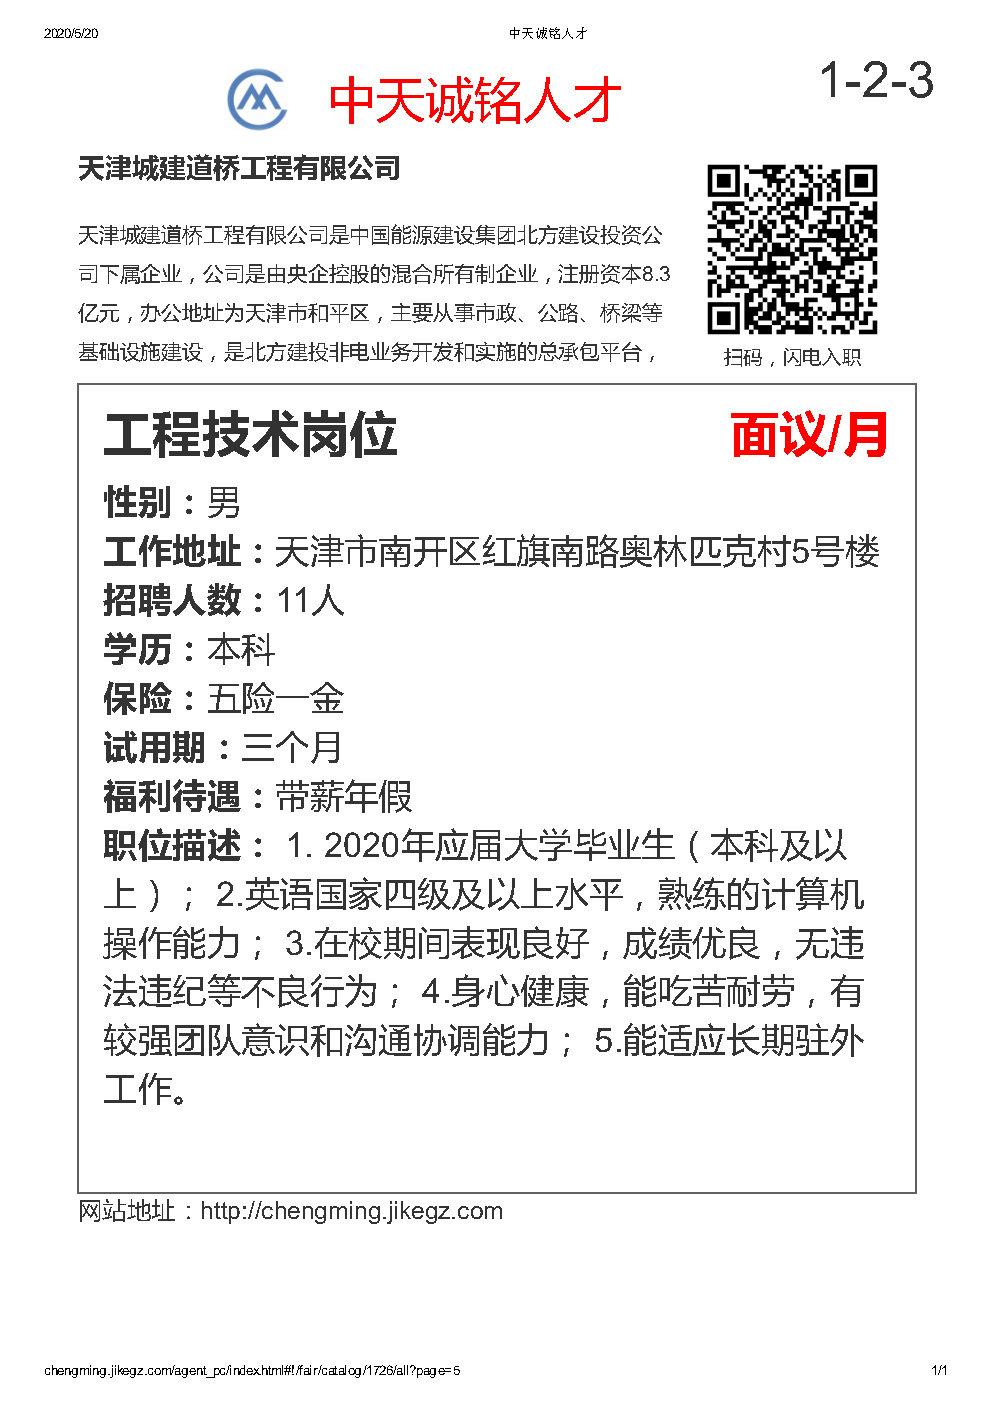 天津城建道桥工程有限公司.jpg